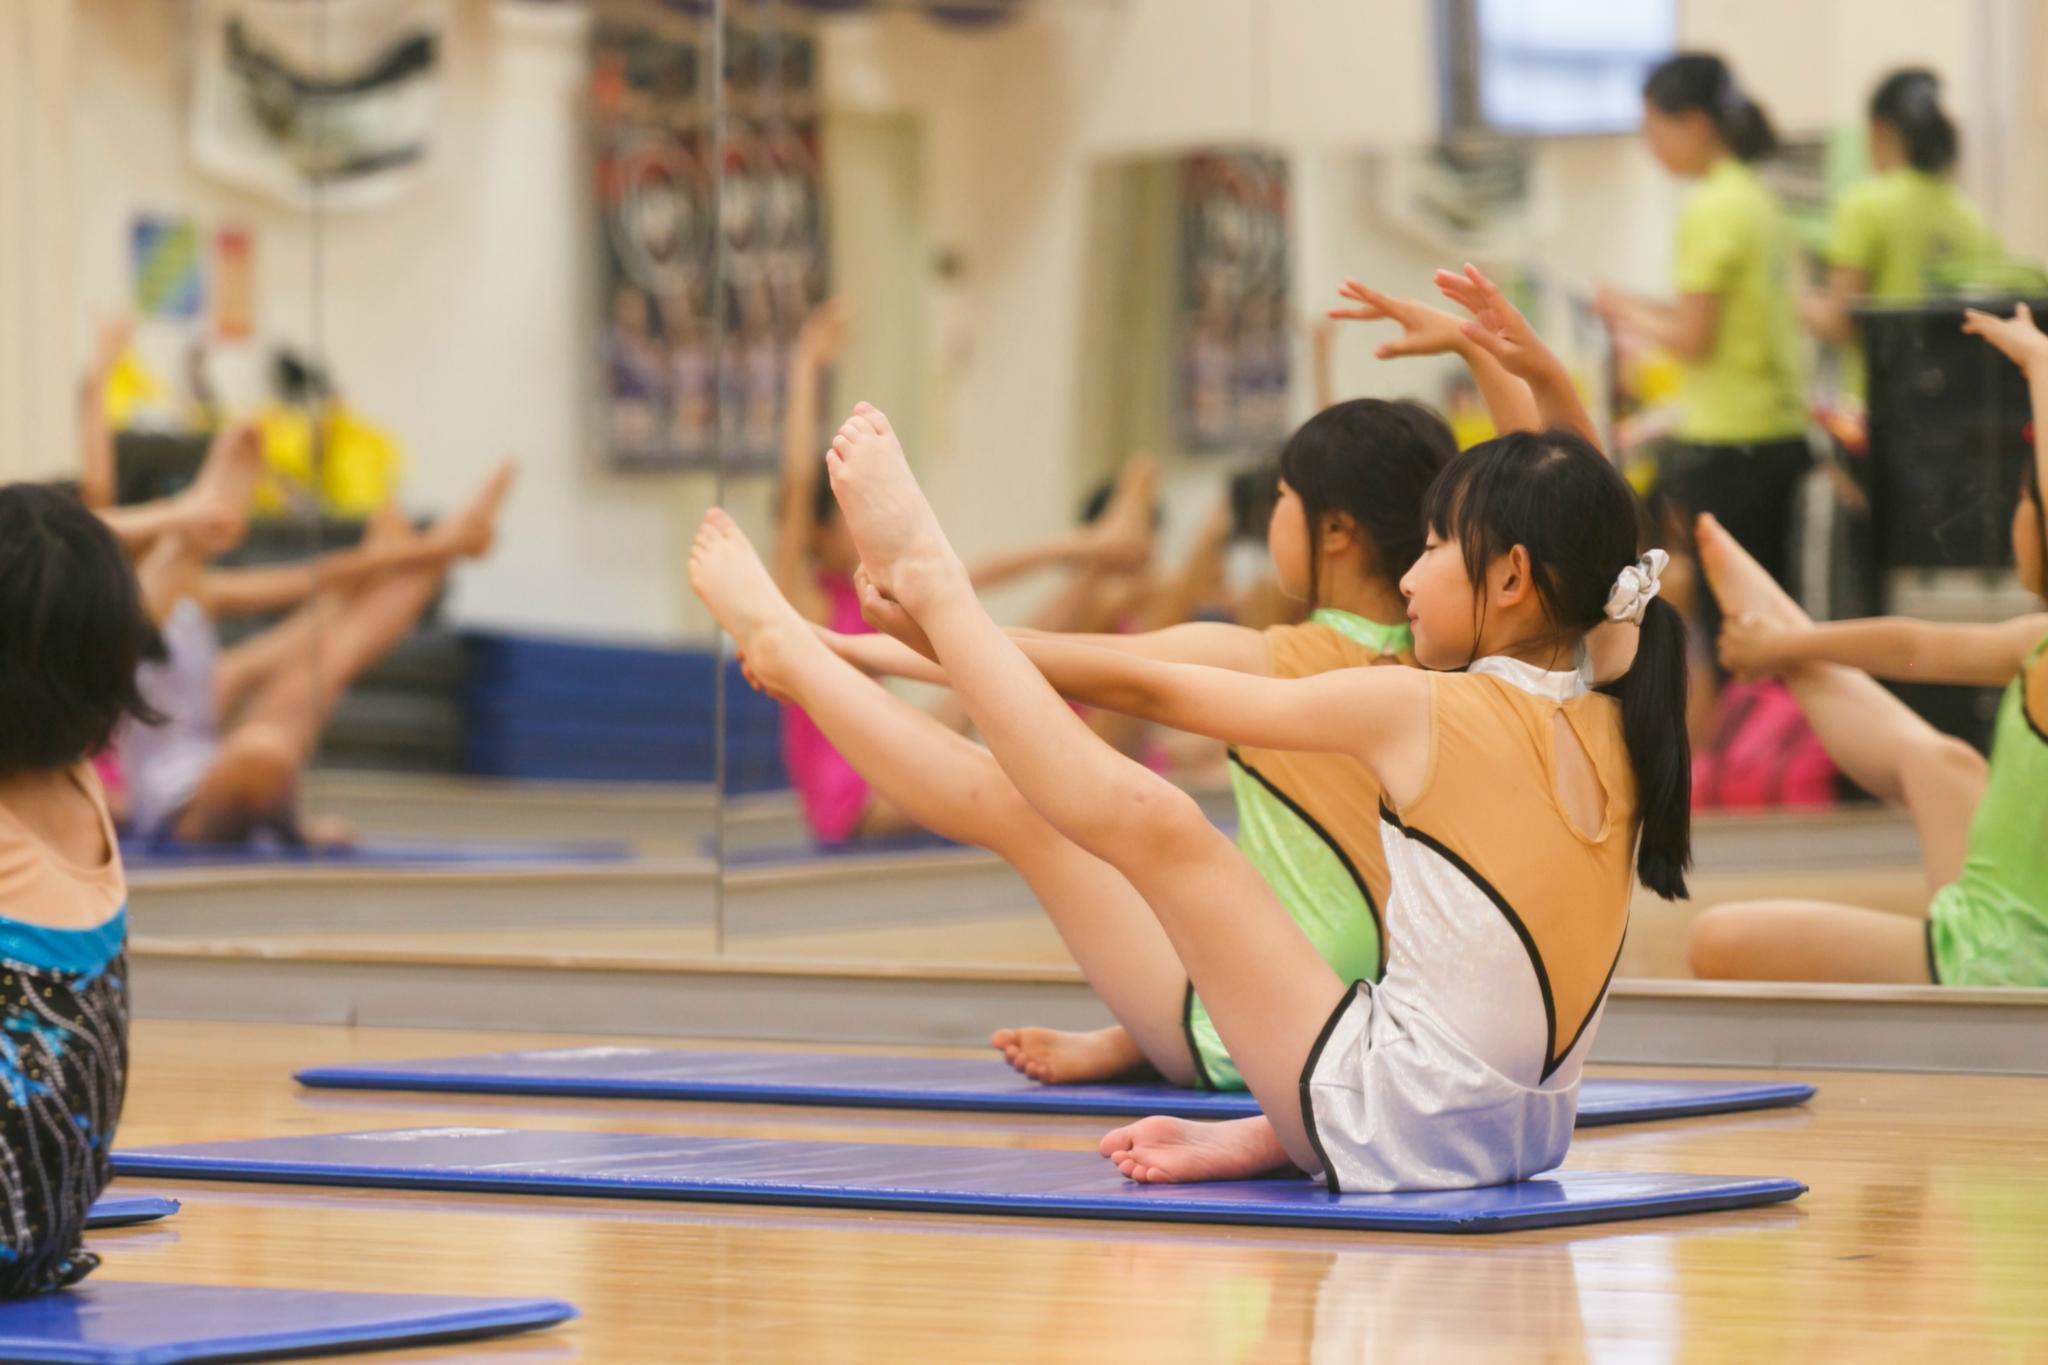 新体操 豊川・田原・蒲郡・新城で新体操をやるなら・・・スポーツボックスでお待ちしています hiyoko_02